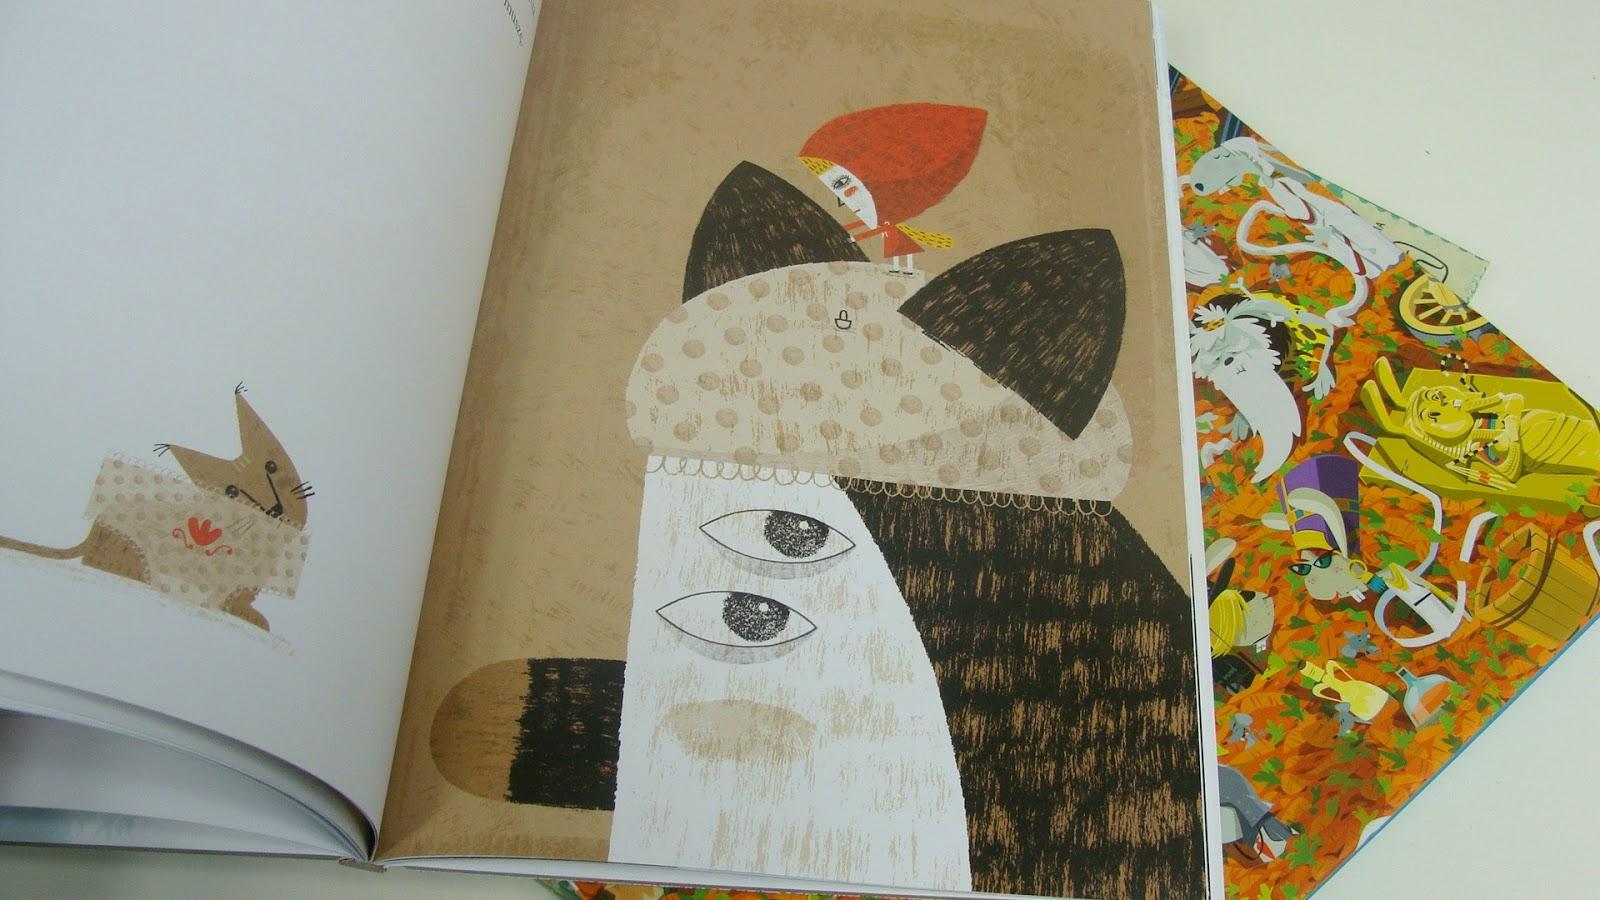 Nowości w biblioteczce Franka, Czytelnicze Soboty, W poszukiwaniu niebieskiej marchewki, atlas miast, czerwony kapturek, śpiąca królewna, biały mustang